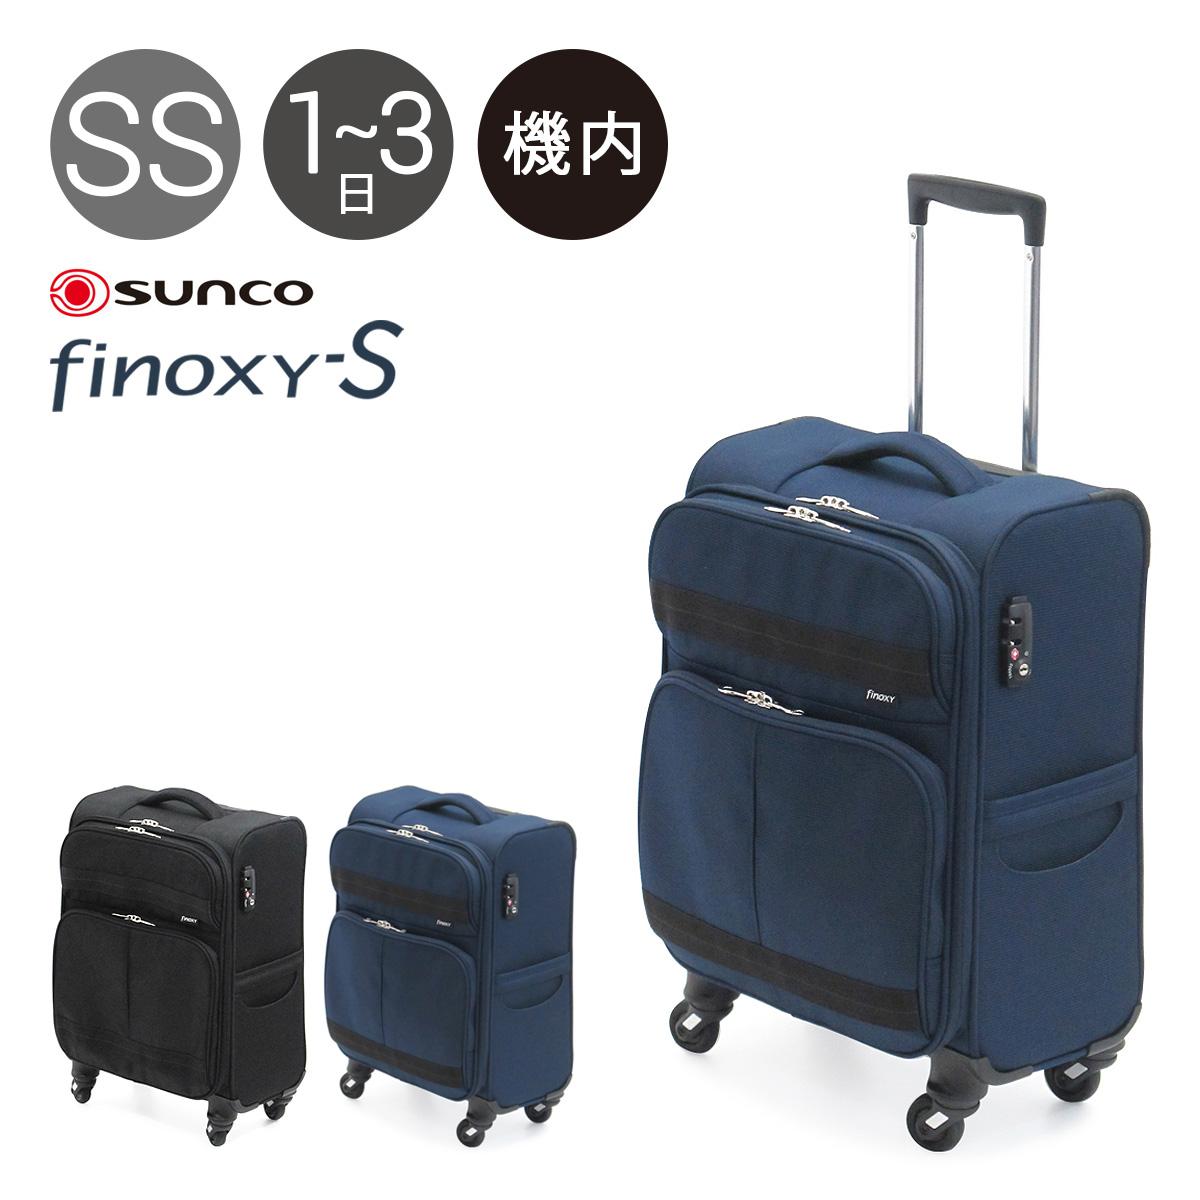 サンコー SUNCO スーツケース FNXS-46 46cm Finoxy-S 【 ソフトキャリー キャリーバッグ キャリーケース 軽量 機内持ち込み可 TSAロック搭載 】[PO10][bef][即日発送]